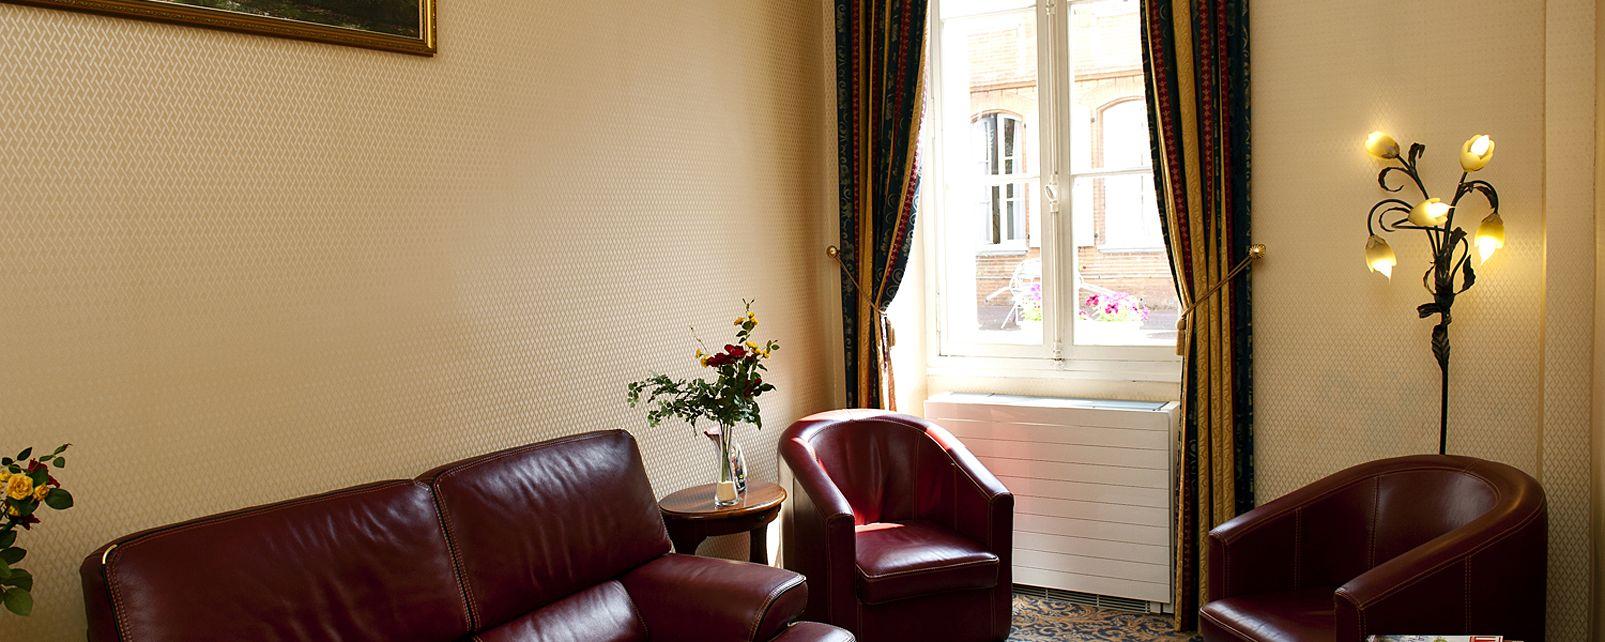 Hôtel Riquet Hotel Toulouse